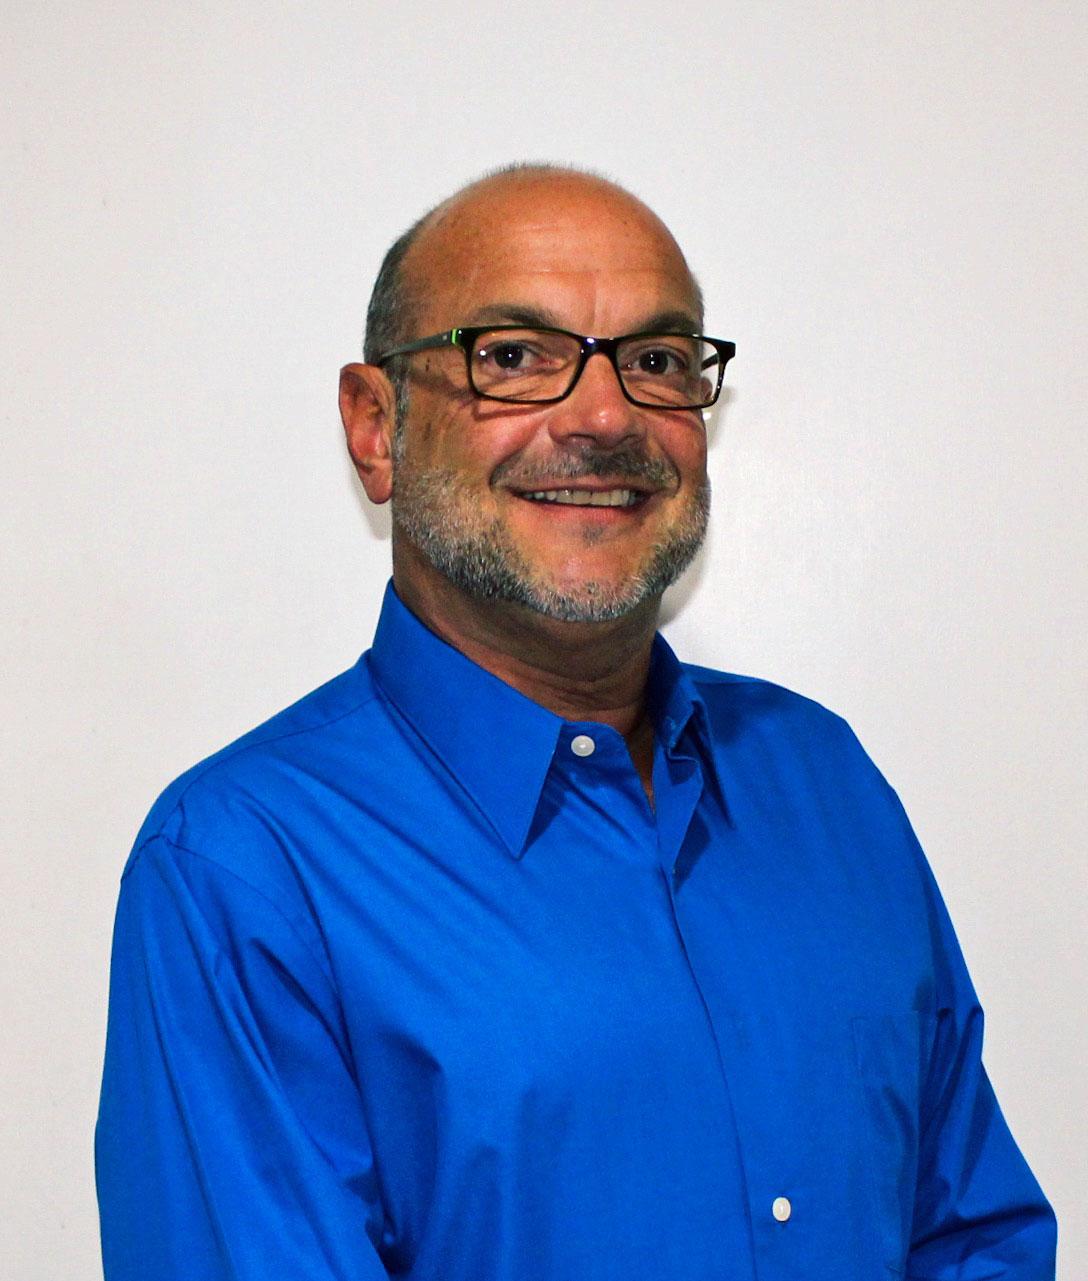 Jean Totti, Co-Owner Wepa Cocina de Puerto Rico